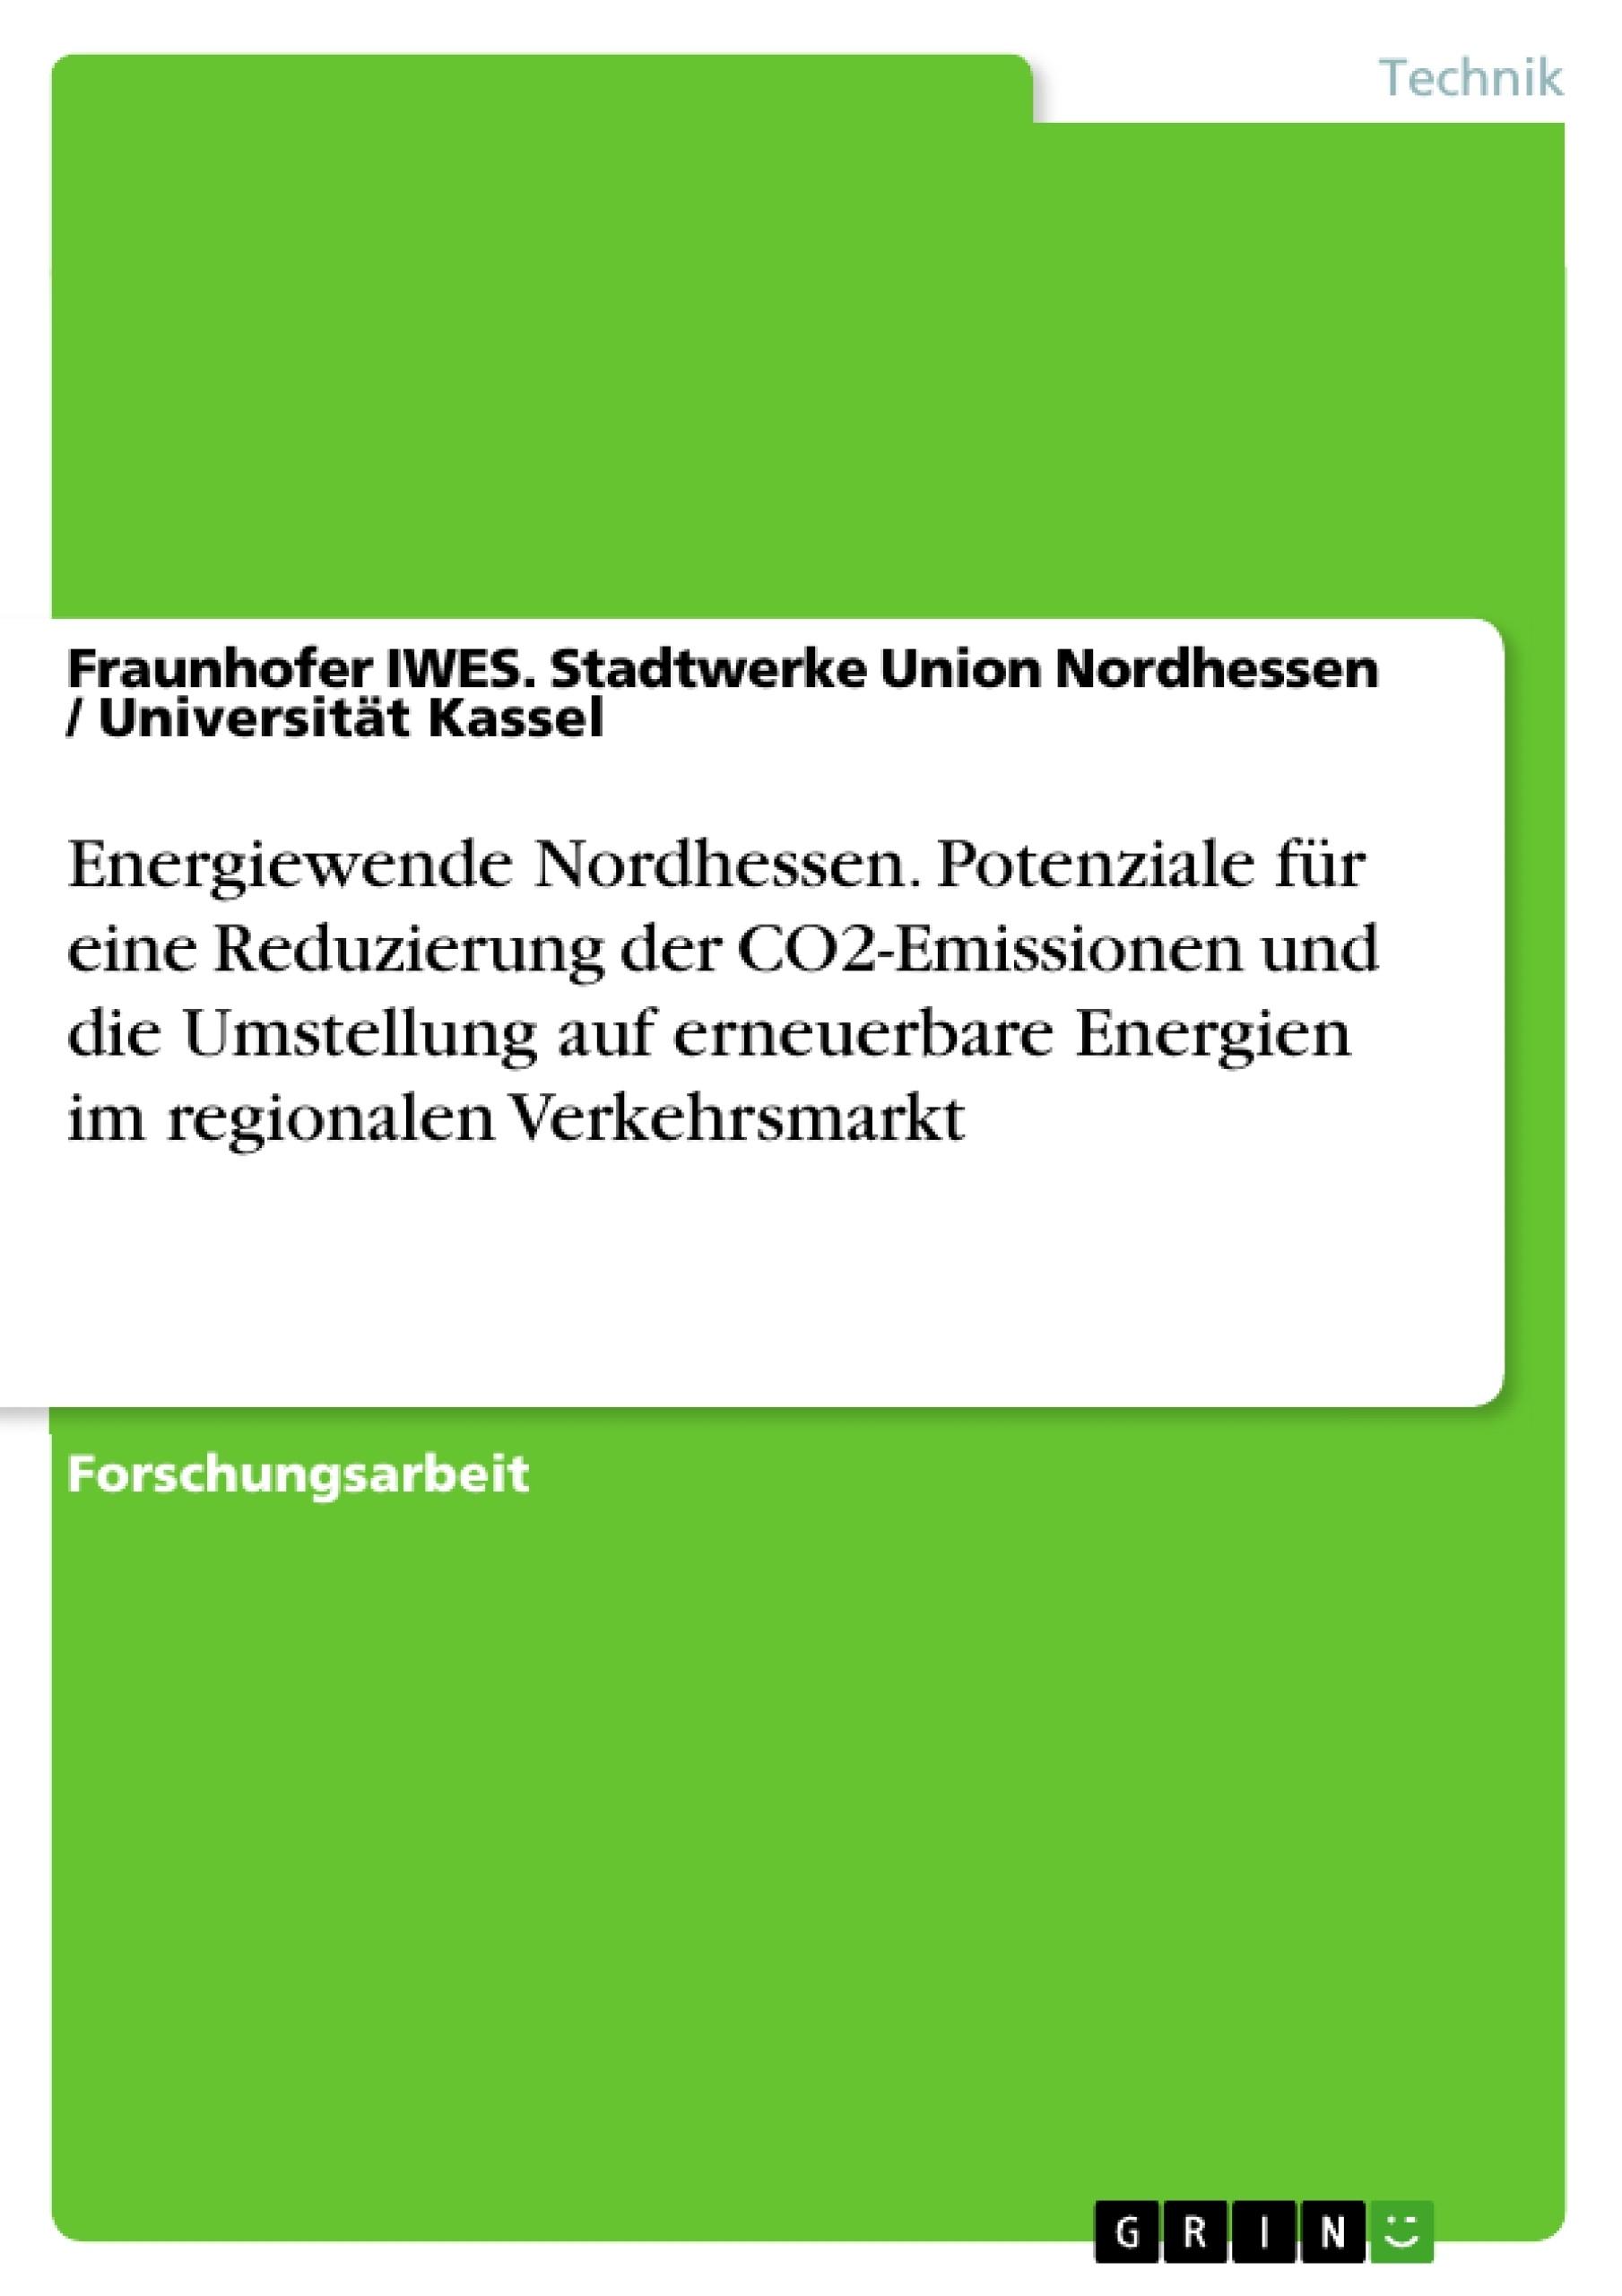 Titel: Energiewende Nordhessen. Potenziale für eine Reduzierung der CO2-Emissionen und die Umstellung auf erneuerbare Energien im regionalen Verkehrsmarkt